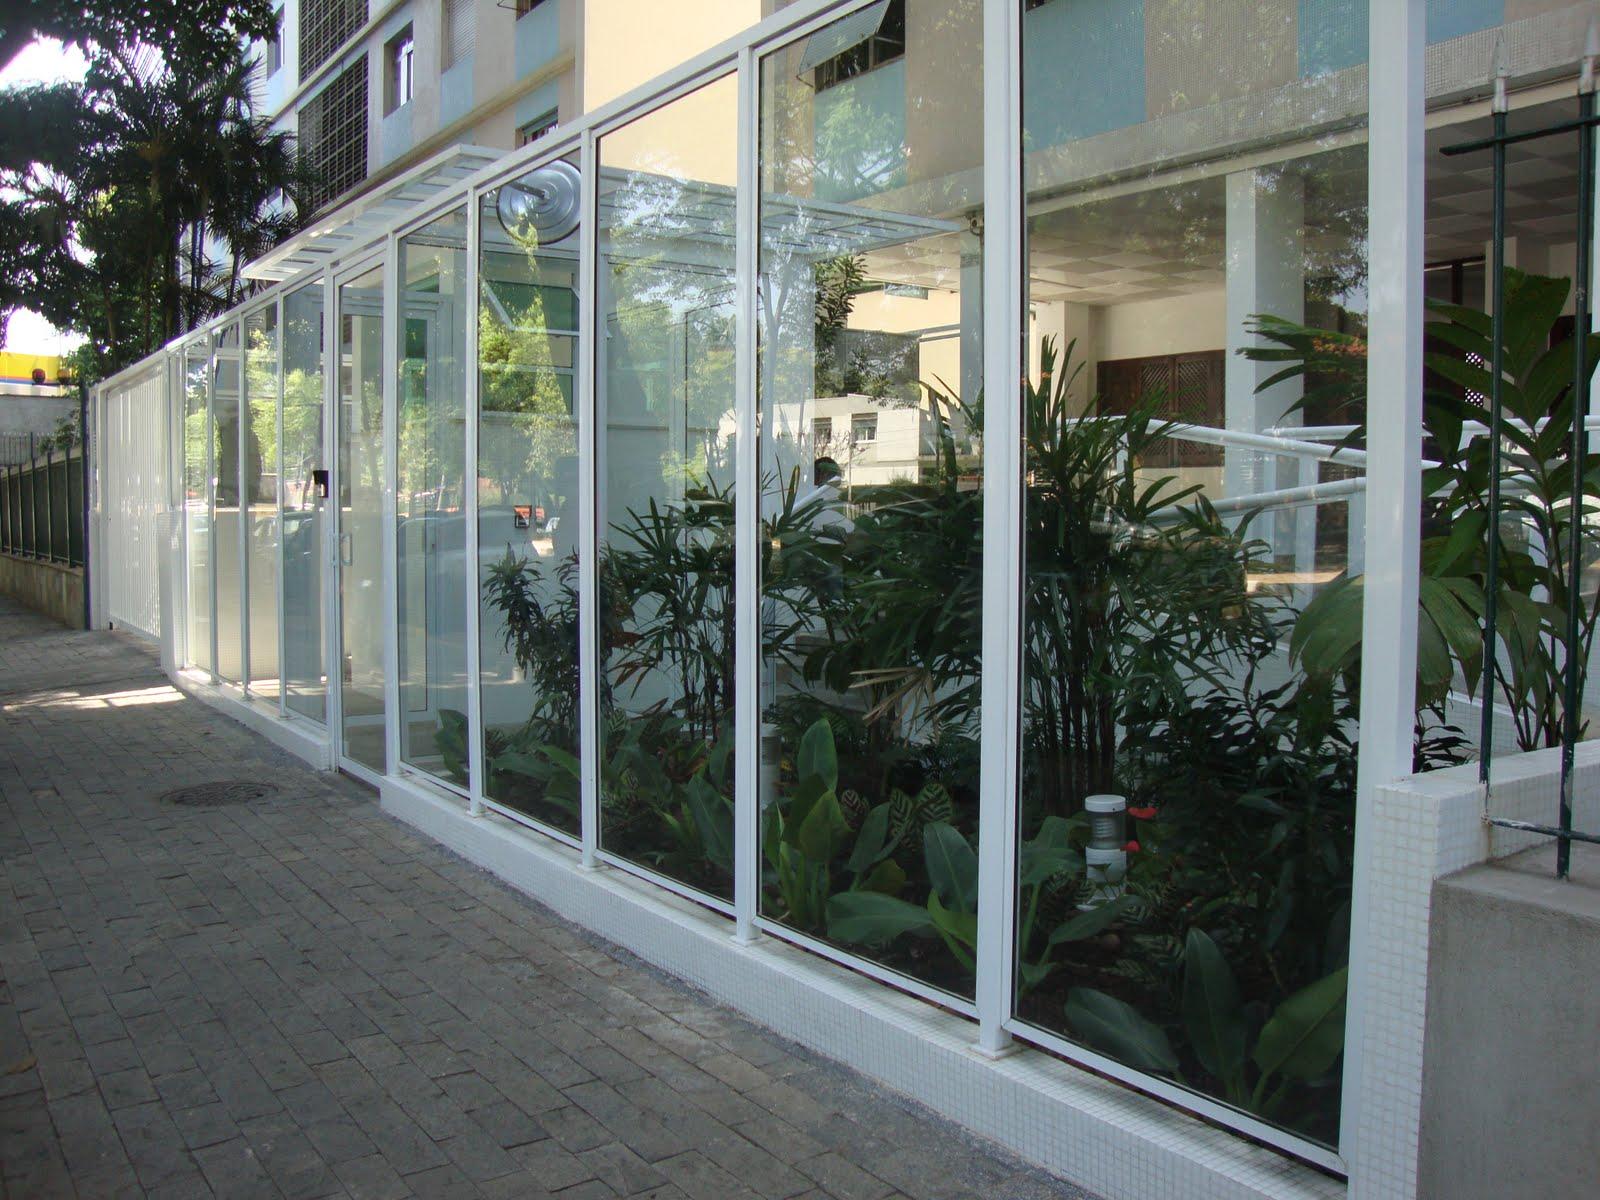 #797952  de Alumínio: Fachadas em Vidro e AlumínioHPA Esquadrias de Alumínio 1216 Portas E Janelas De Vidro E Aluminio